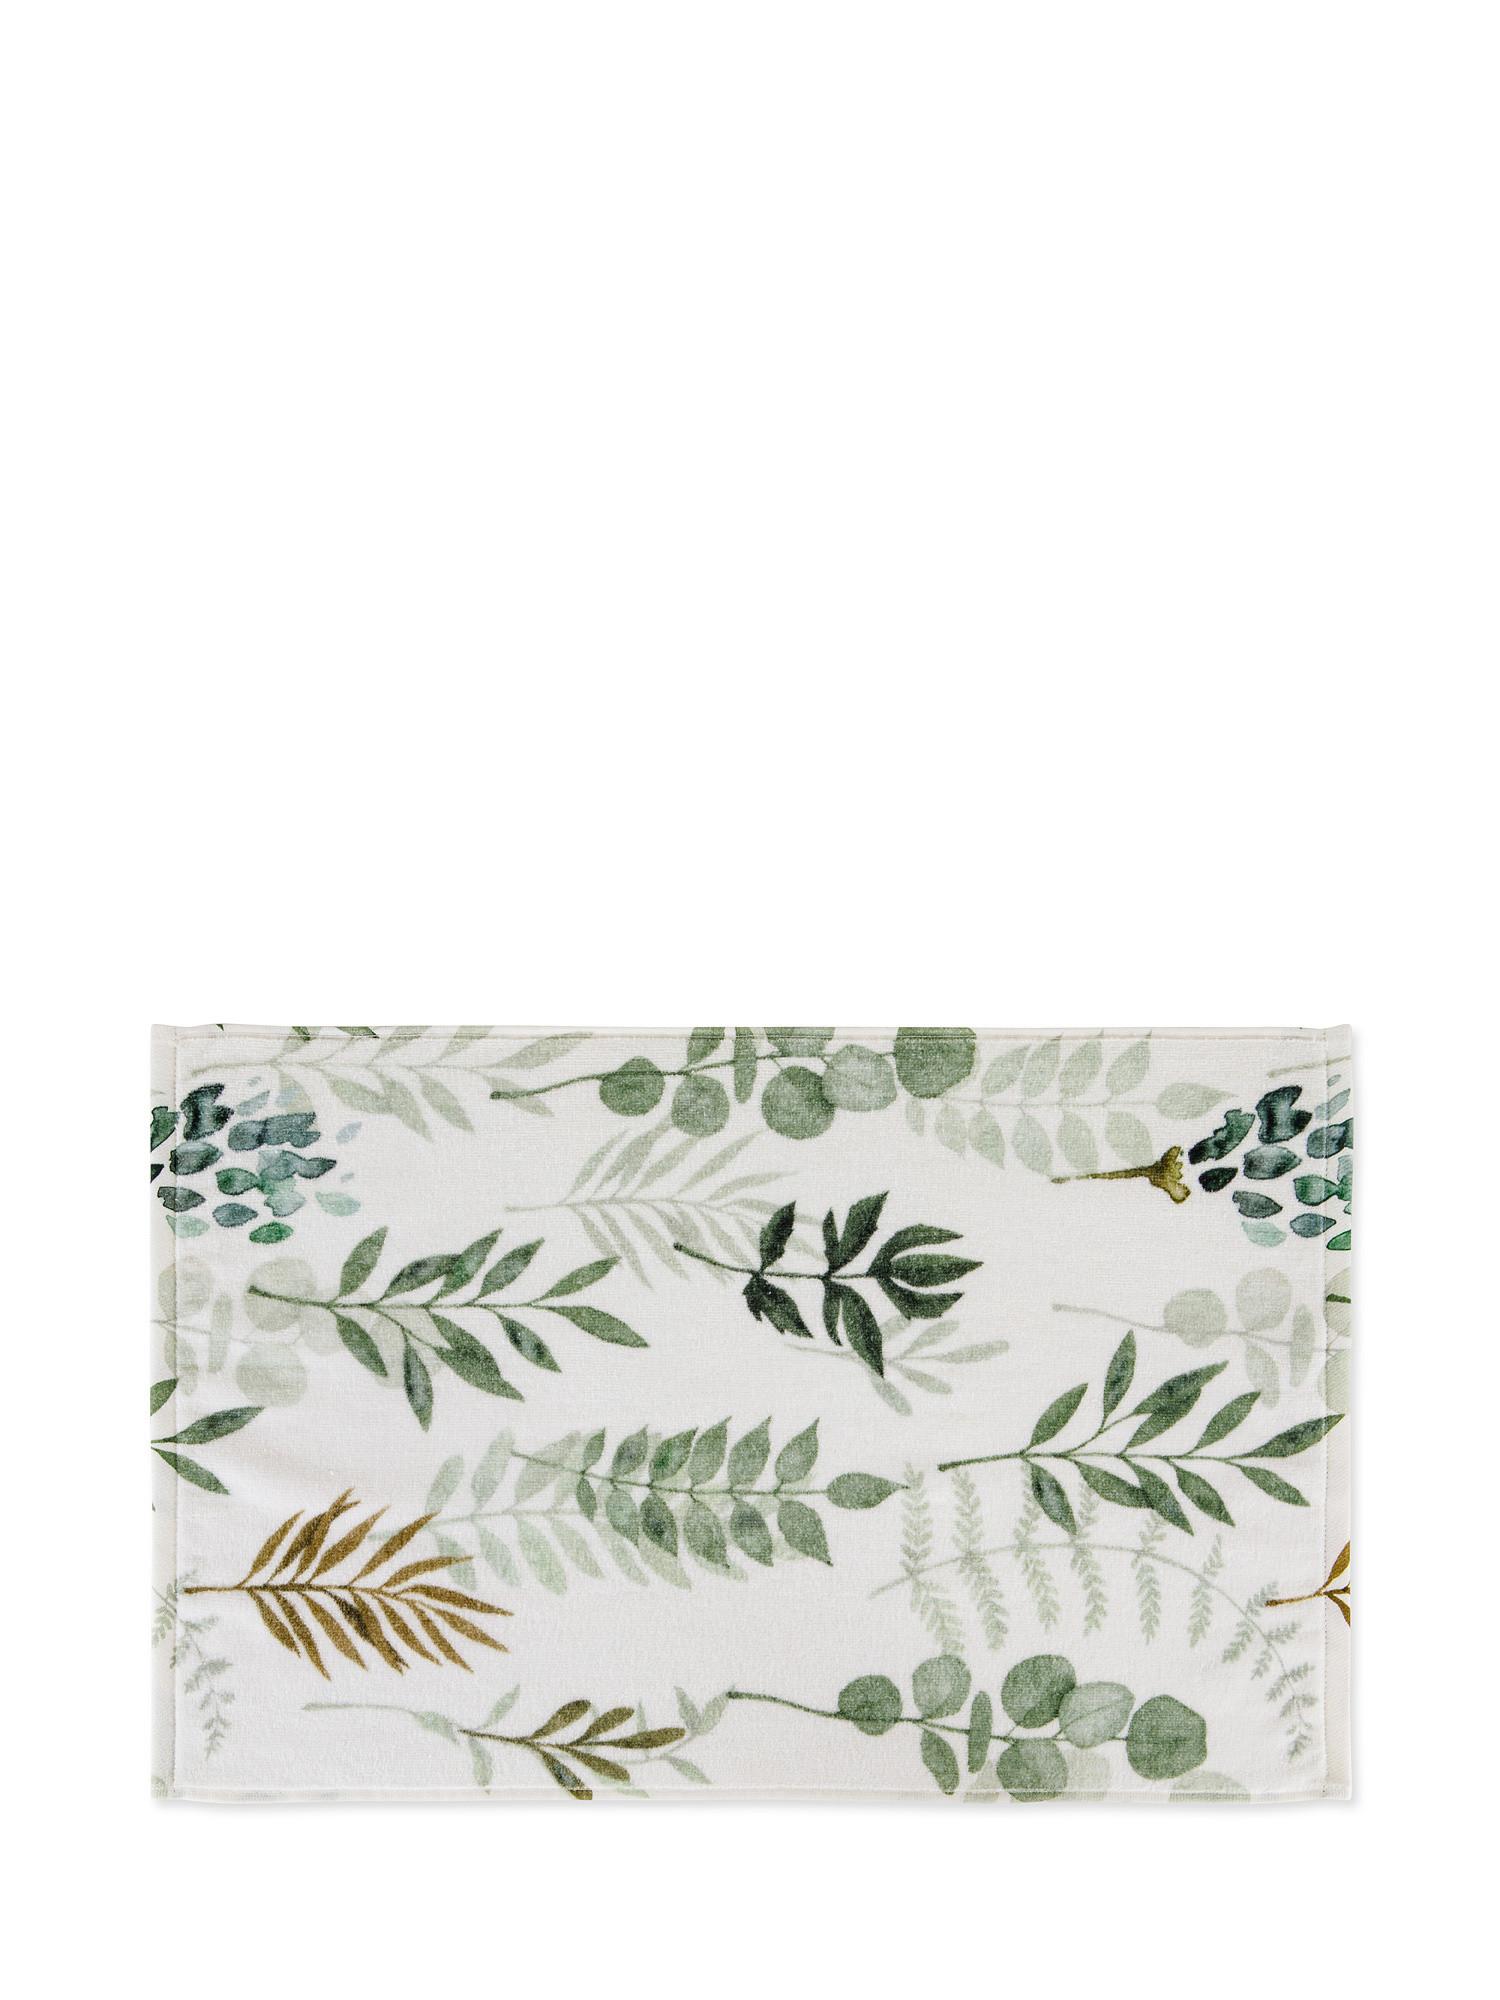 Asciugamano cotone velour motivo botanico, Bianco, large image number 1